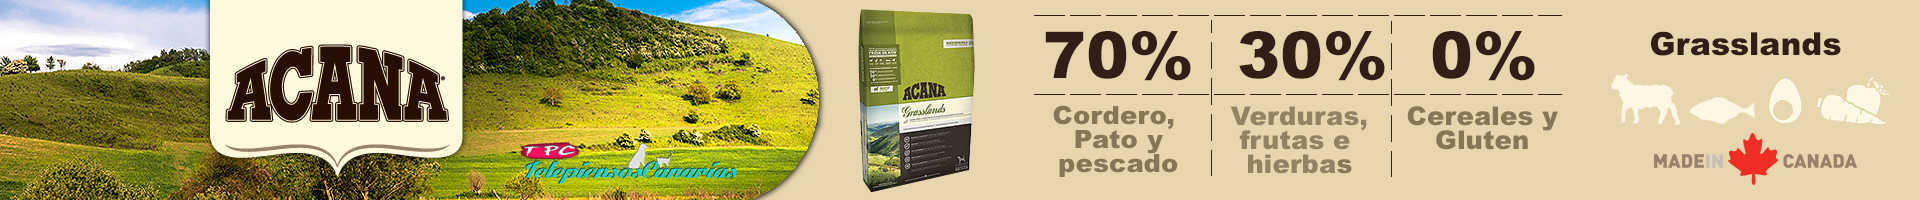 Acana grasslands, alimento para perro adulto con 70% de cordero, pato y pavo